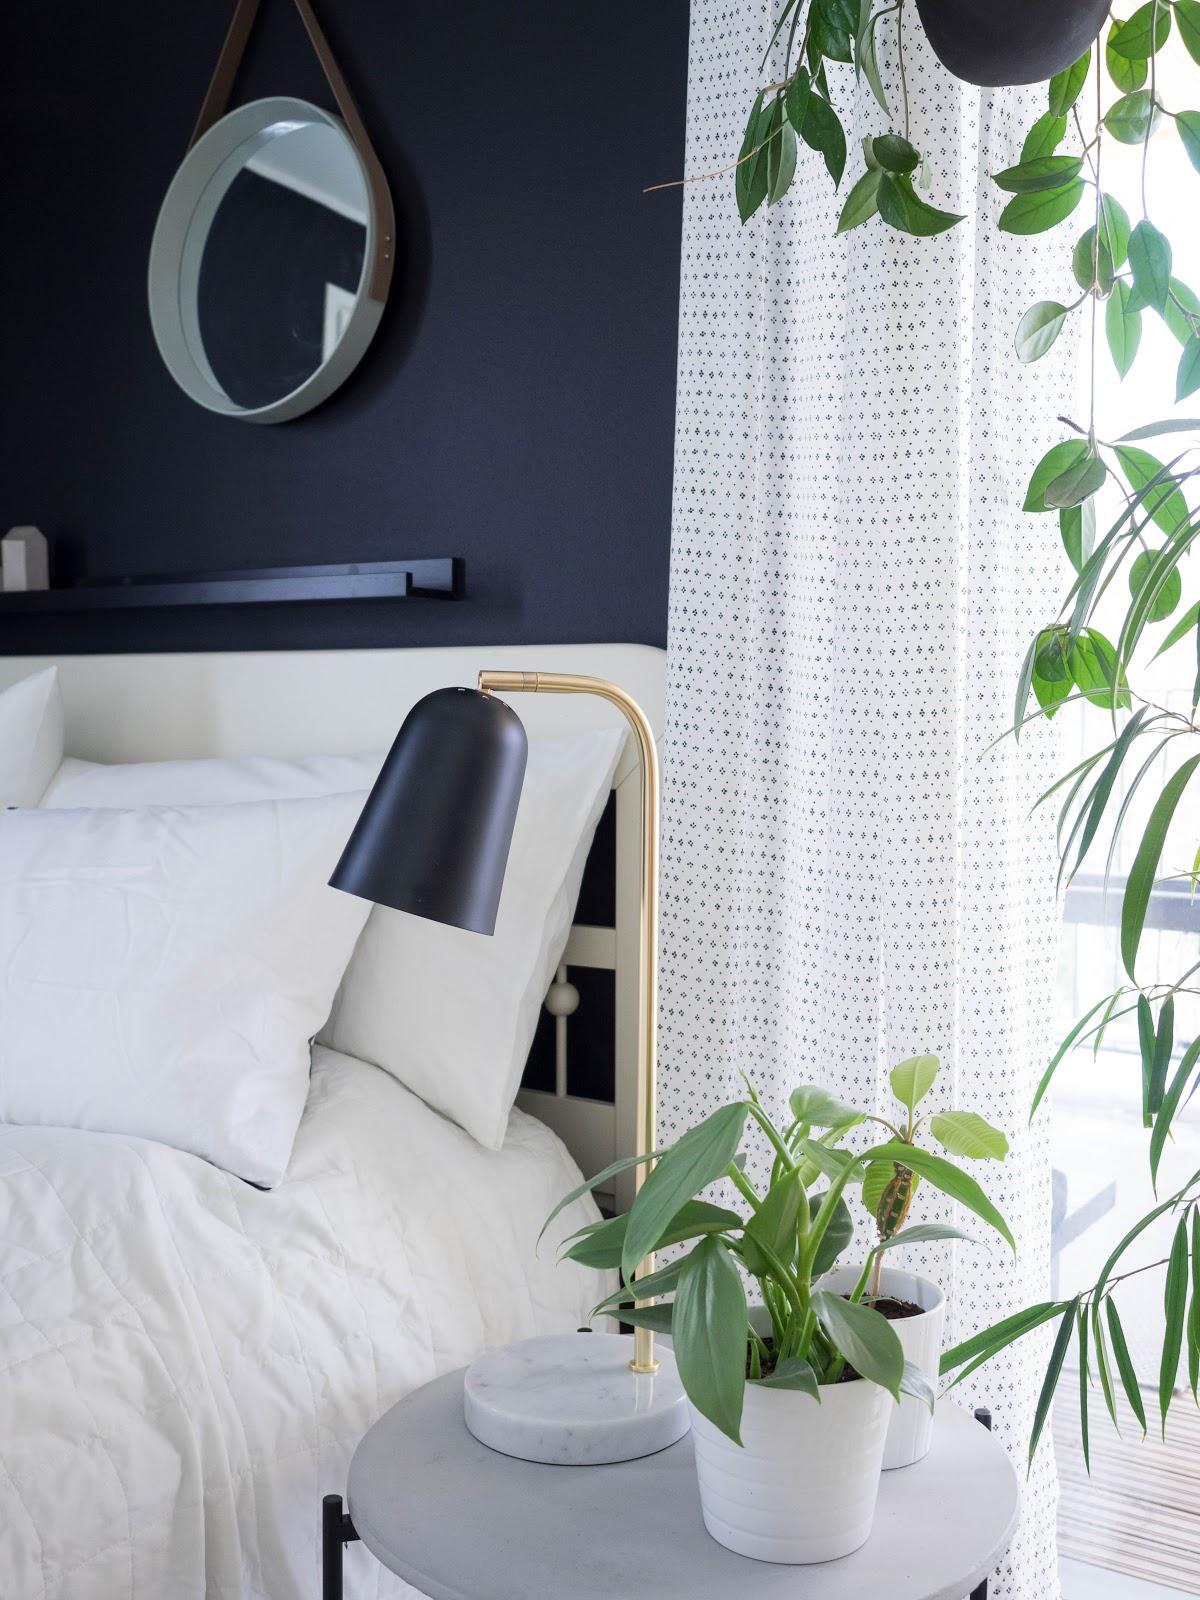 Talostakoti makuuhuone sisustus